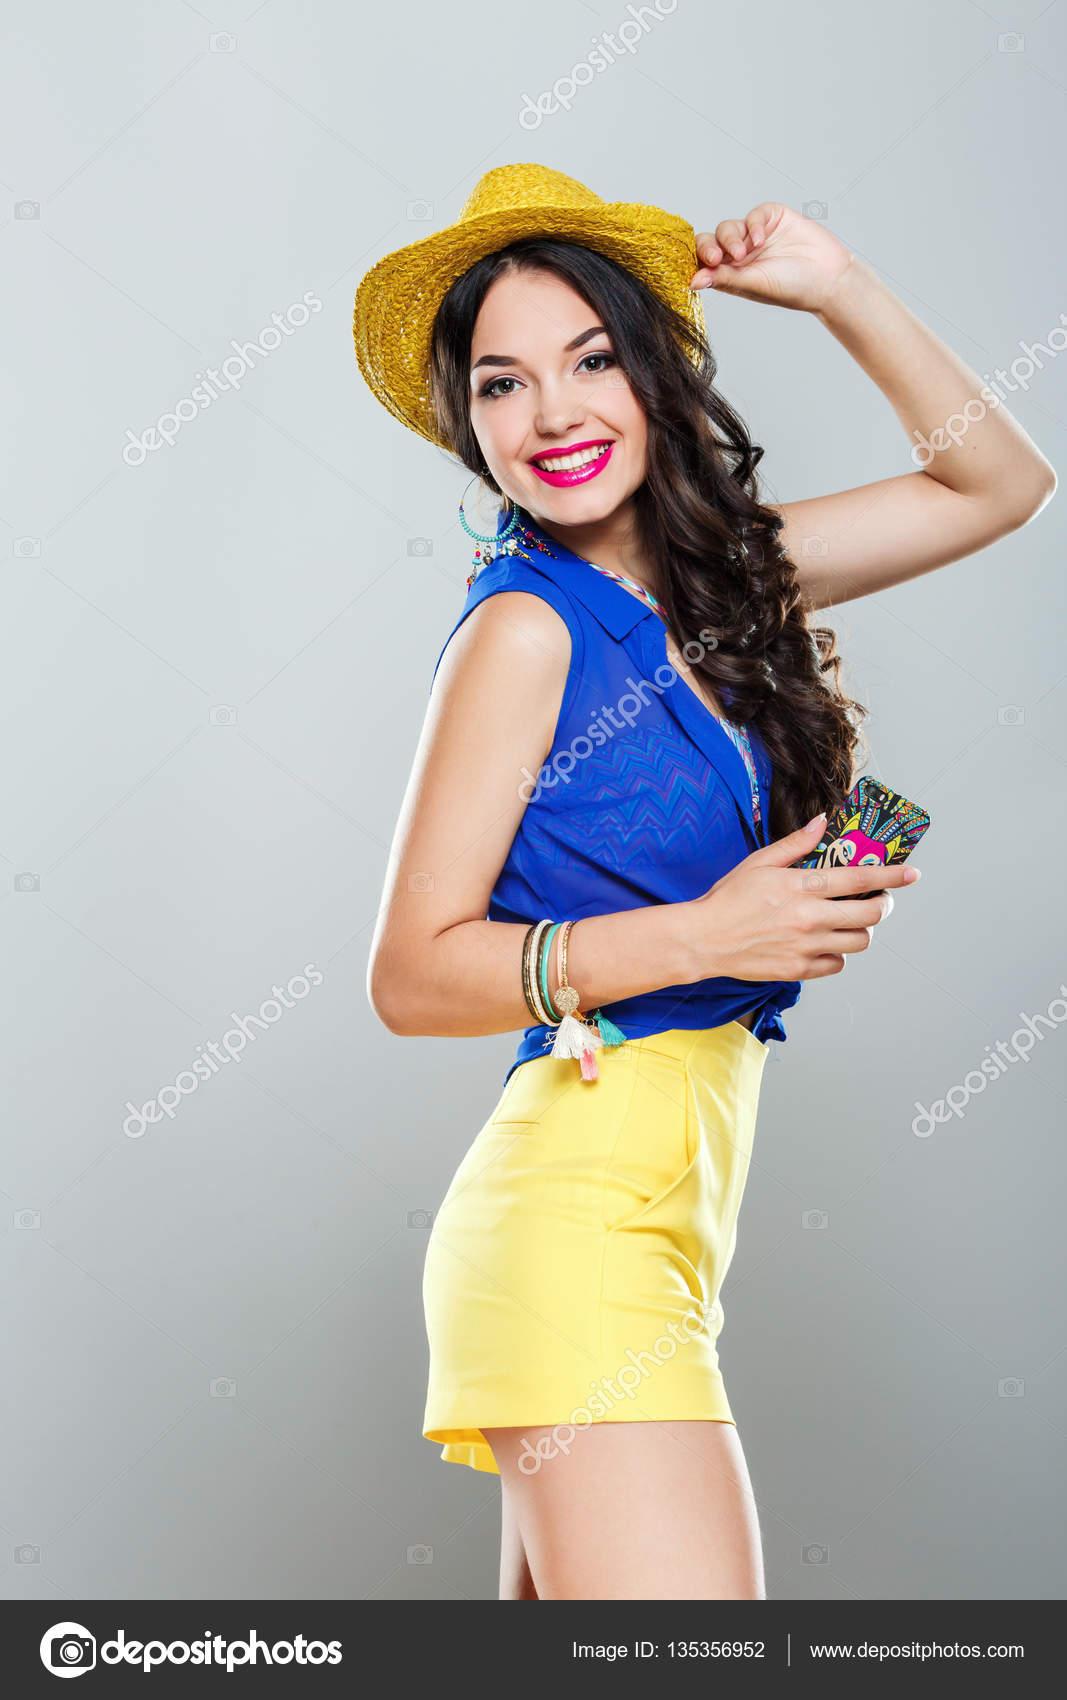 Modelo De Blusa Azul E Saia Amarela Stock Photo